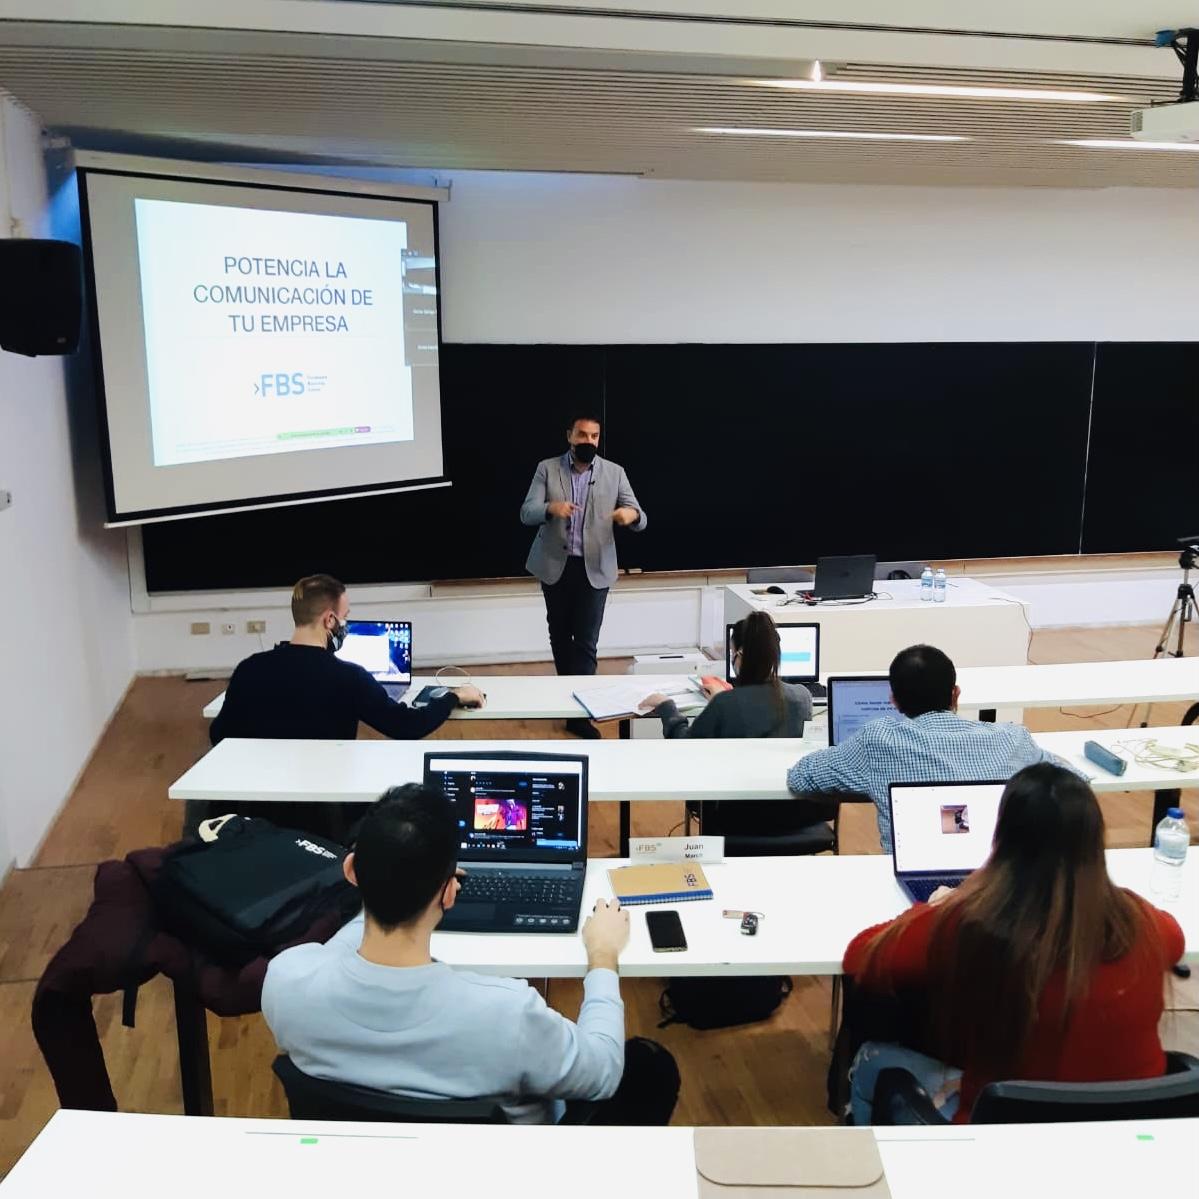 Iván J Muñoz Formación Comunicación y Marketing de Contenidos 2021 MMDI Fundesem